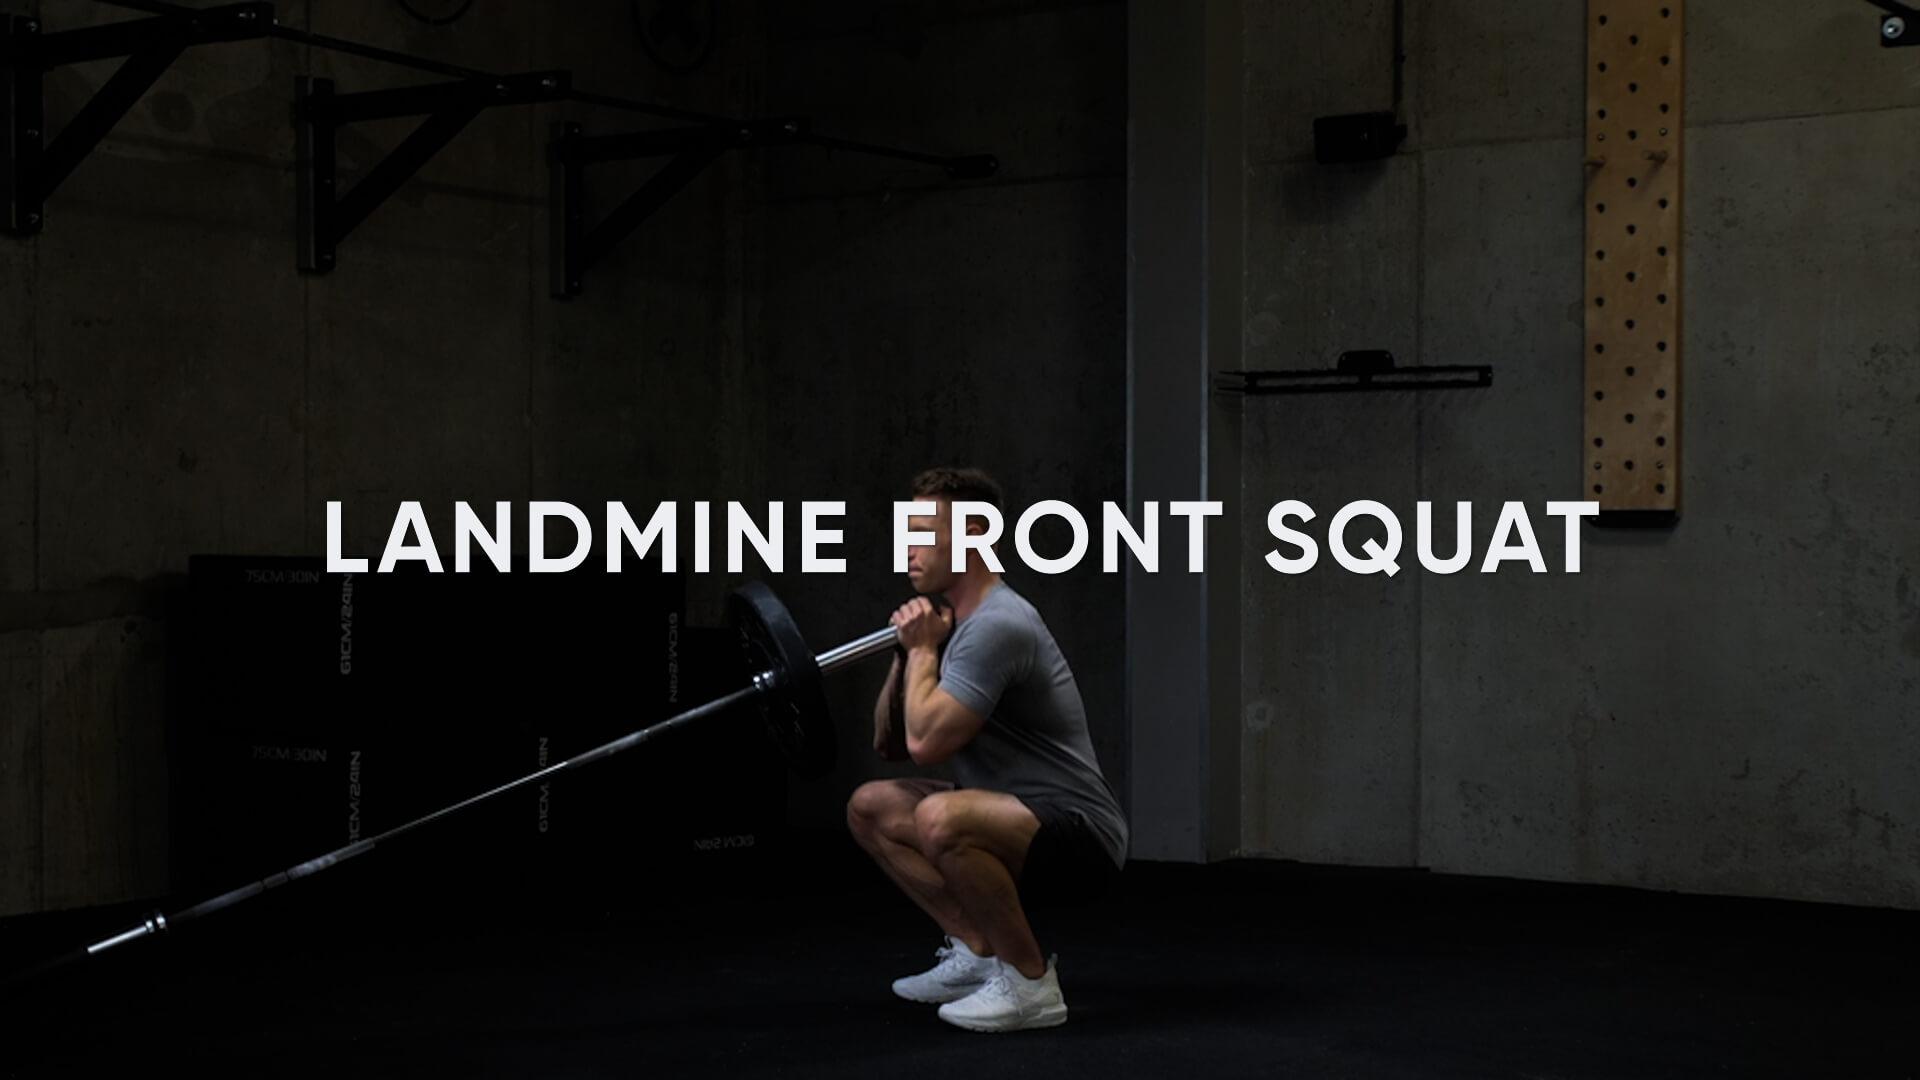 Landmine Front Squat